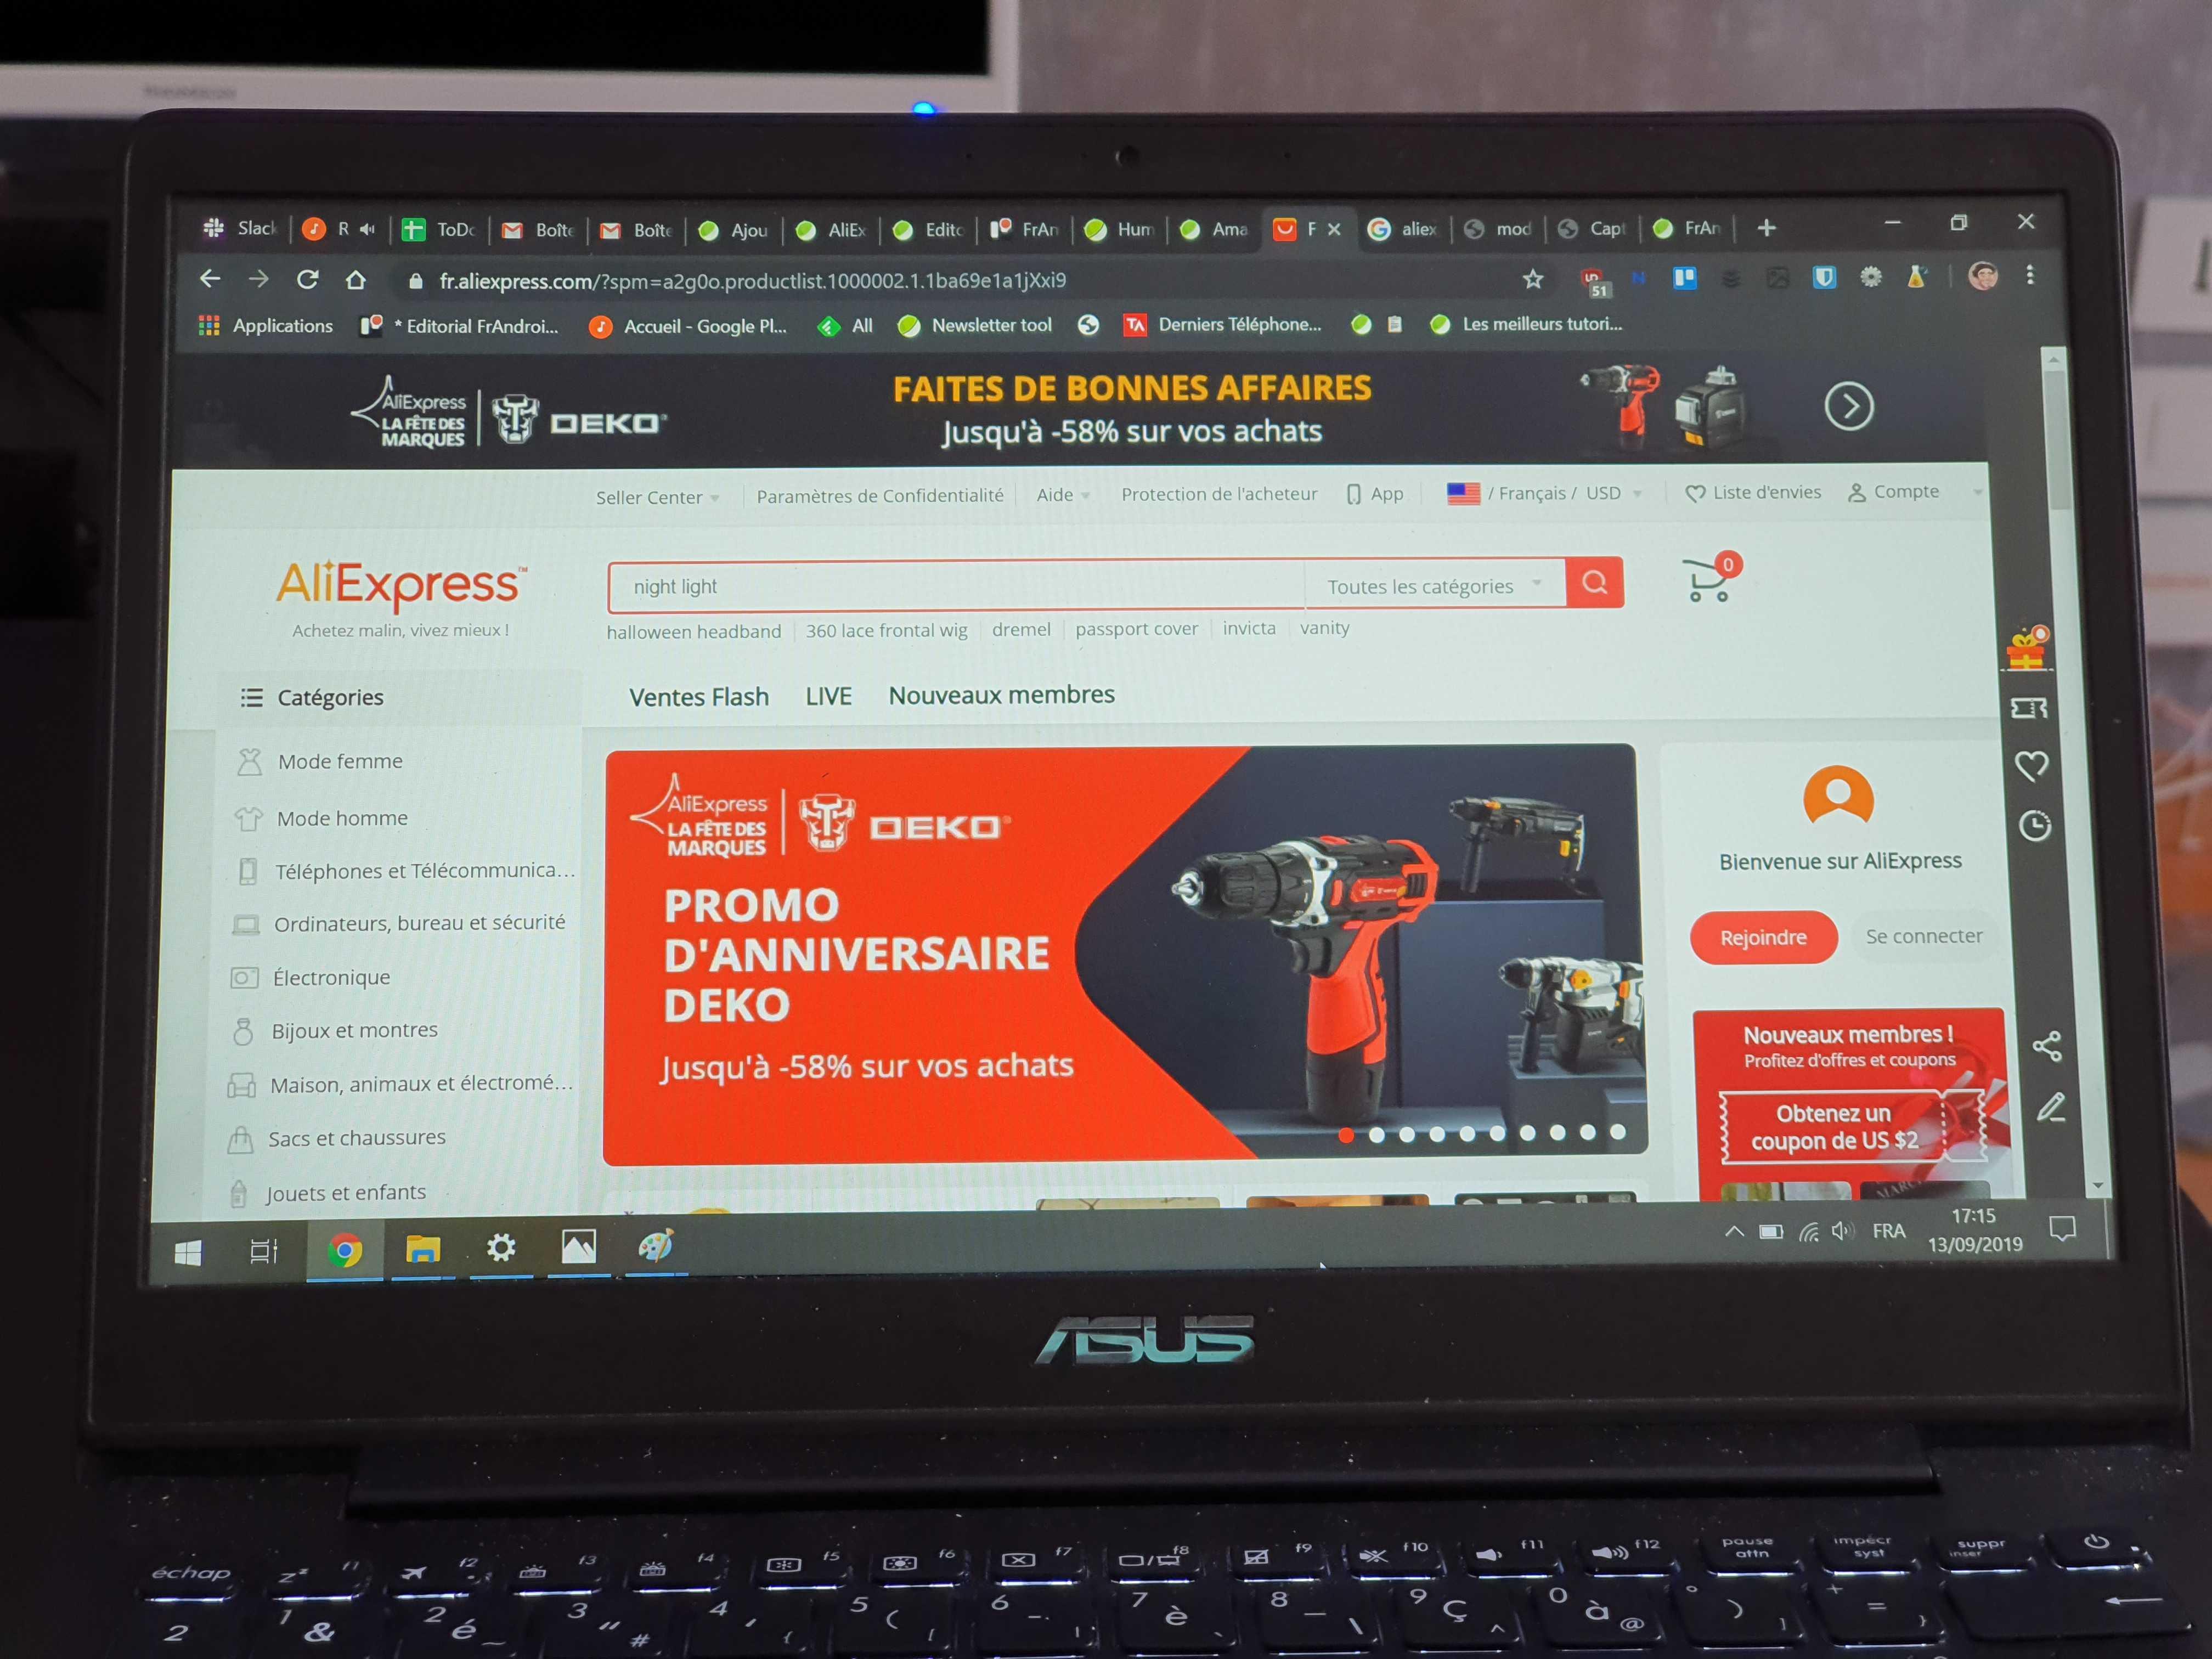 AliExpress lance enfin un service de remboursement en France